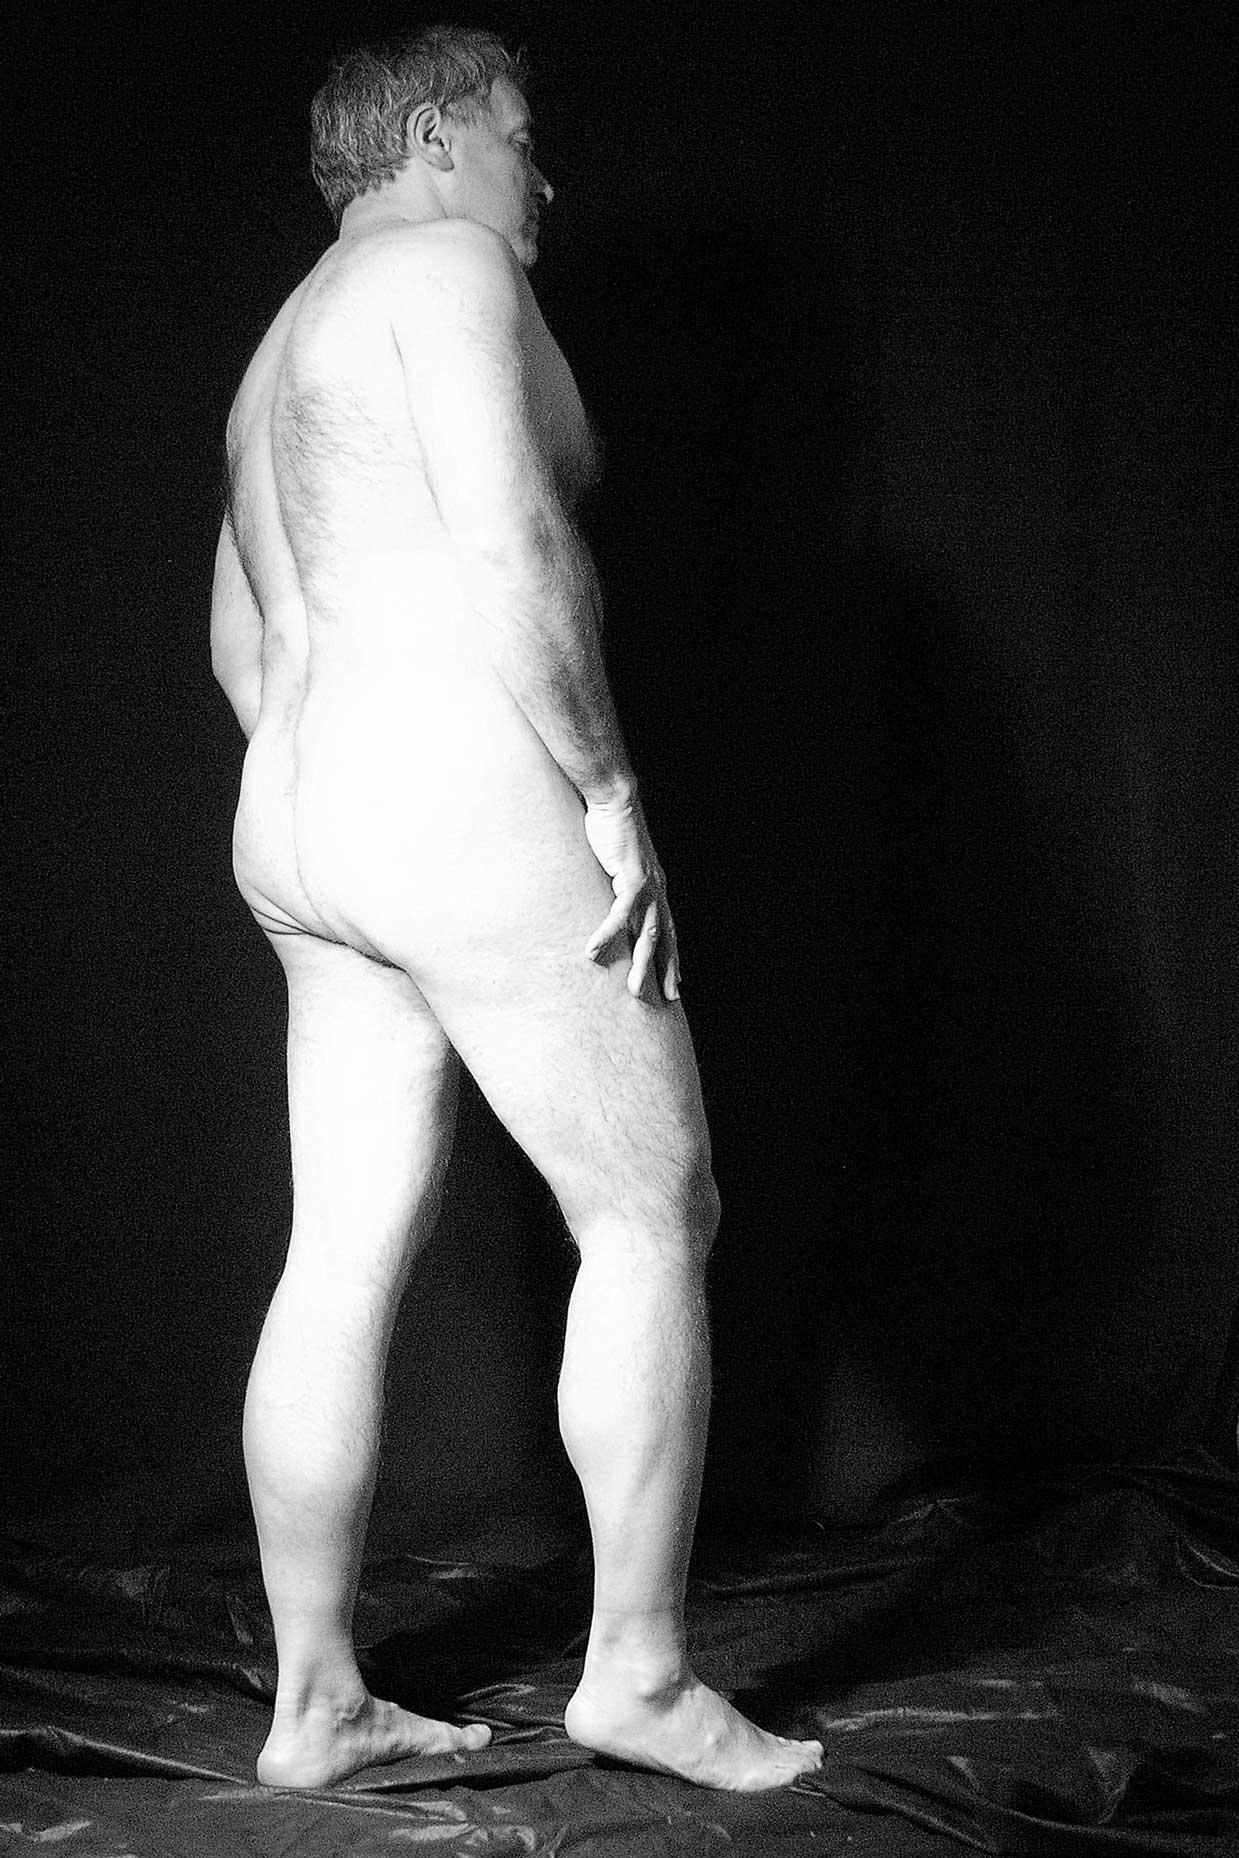 cours dessin modele vivanthomme jean-claude